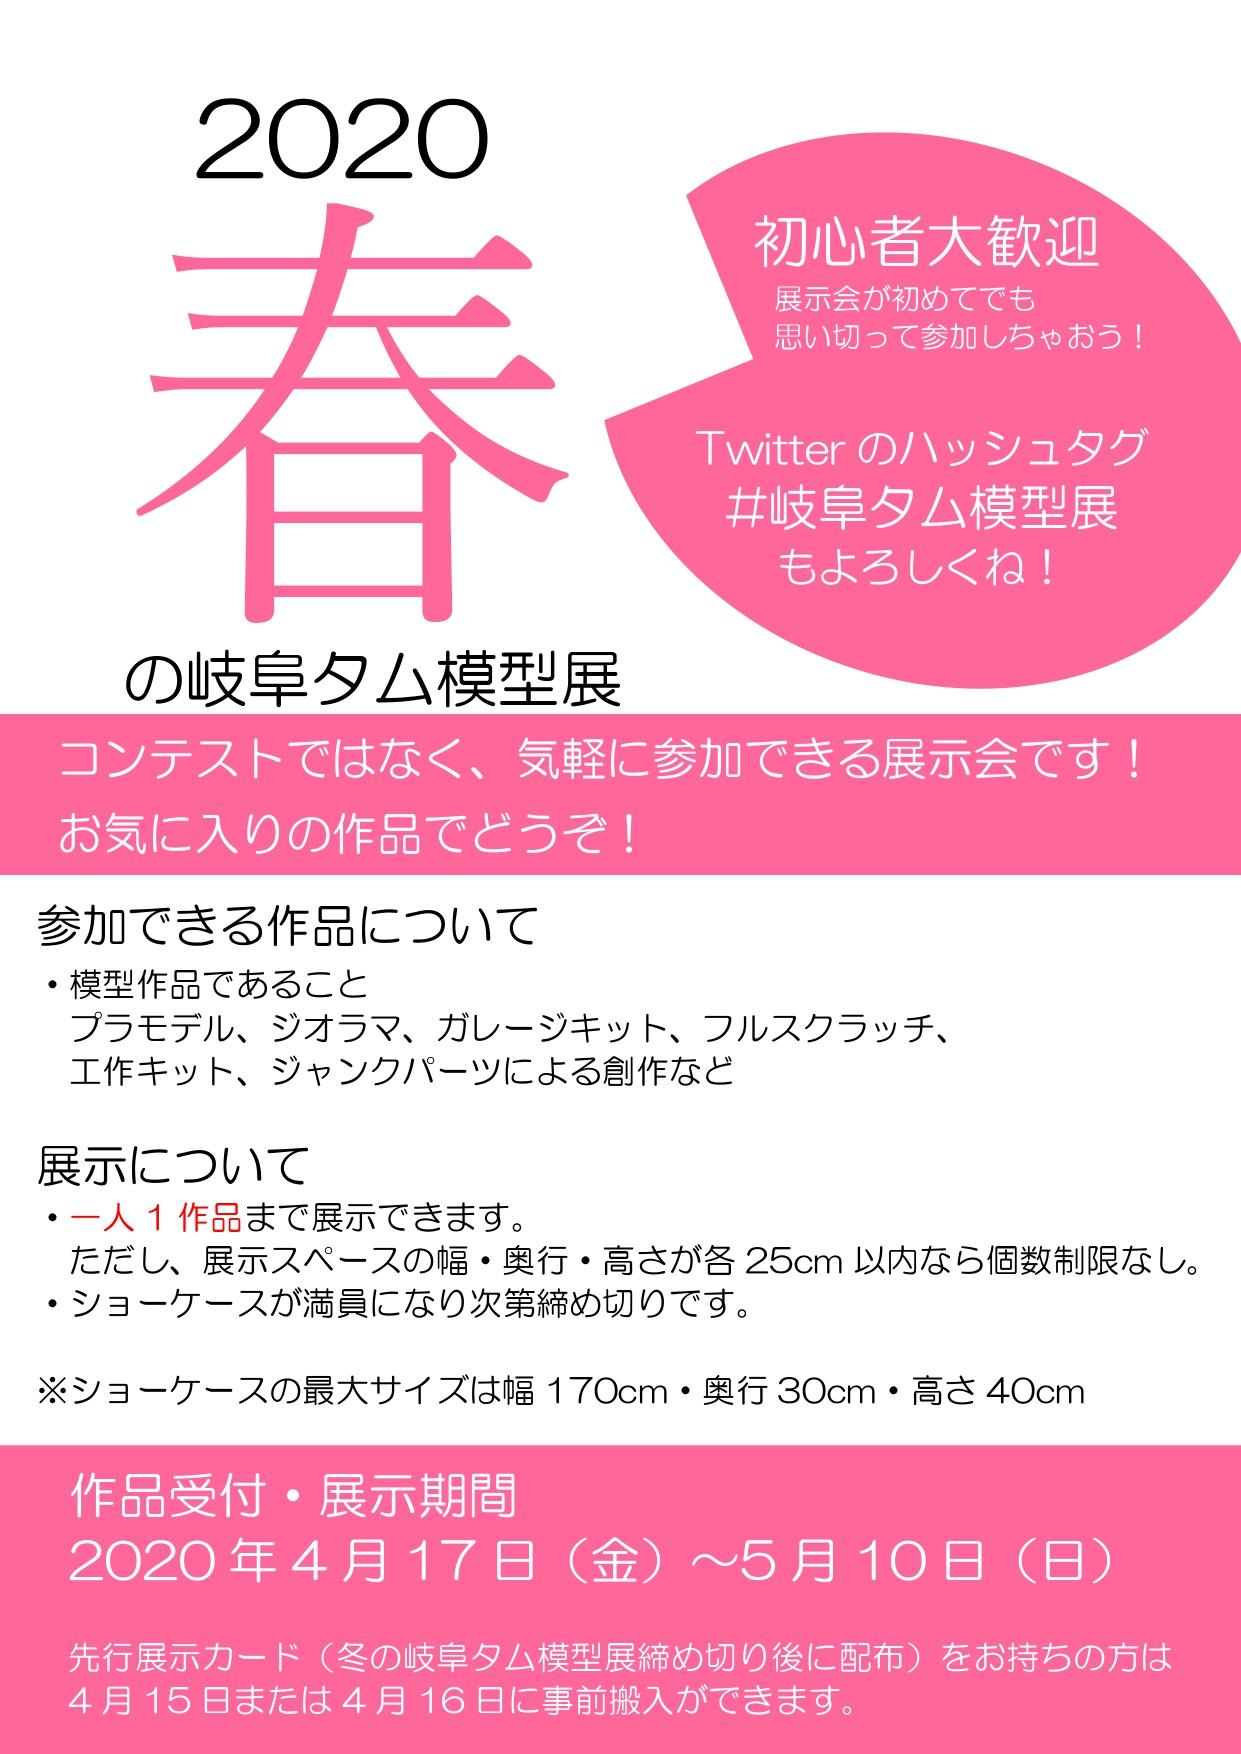 2020 春の岐阜タム模型展